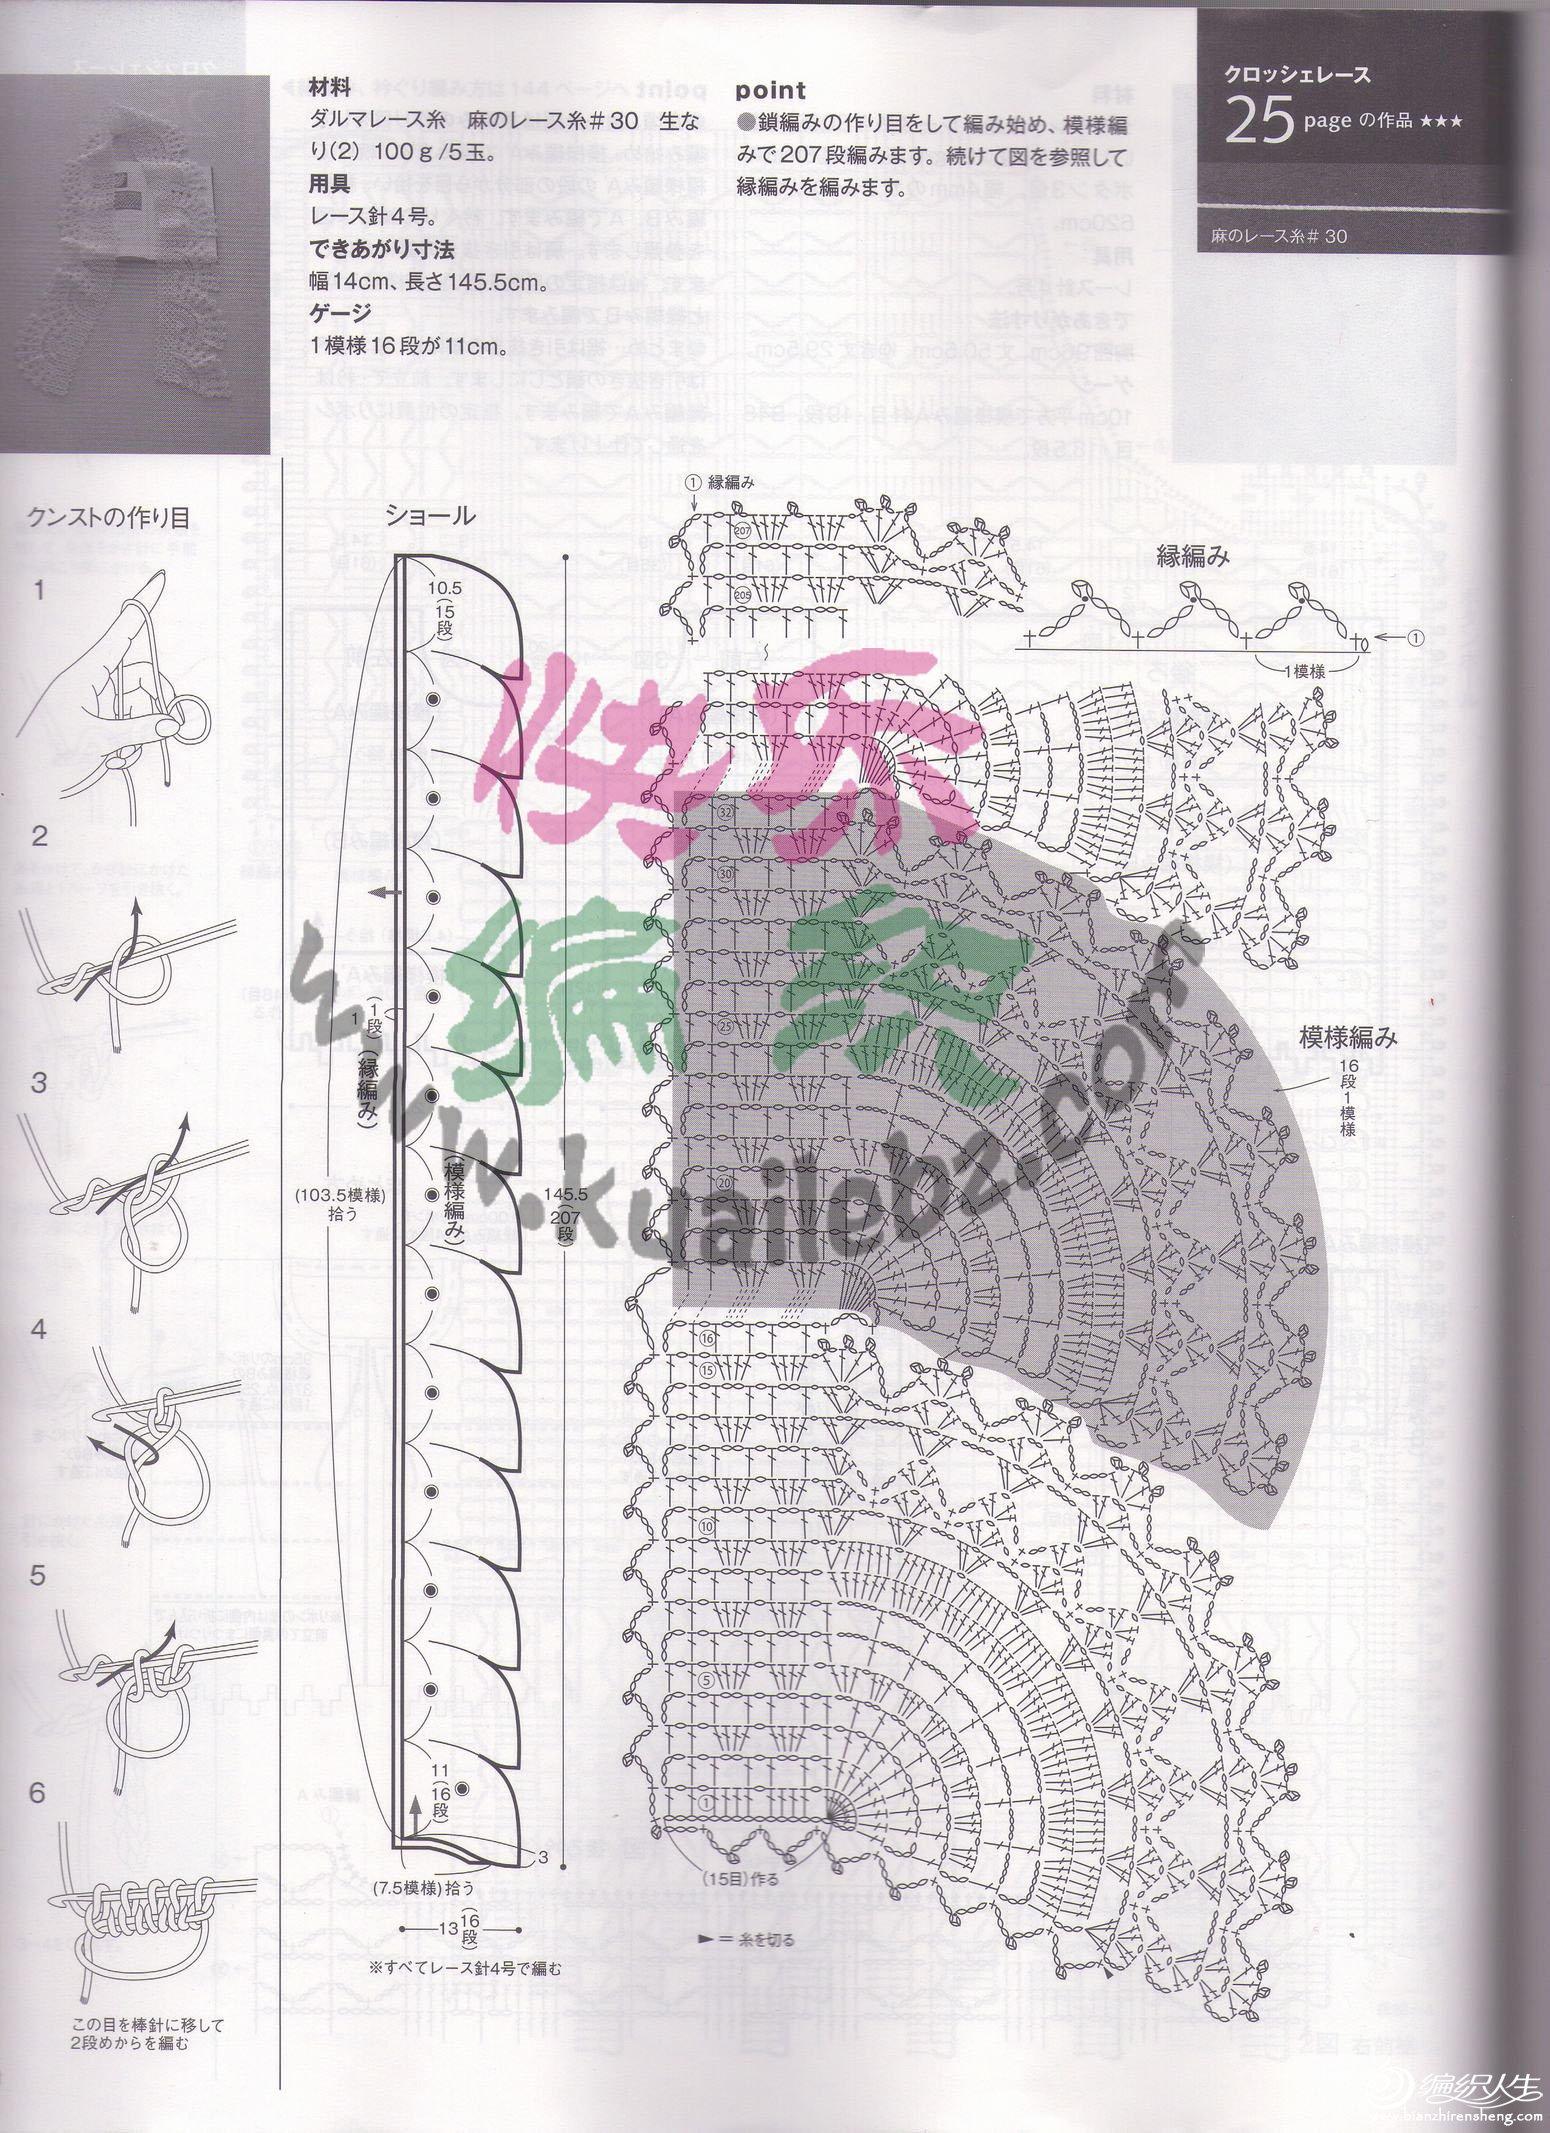 2012毛线球春号最新编织书籍(快乐编织首发)10 拷贝.jpg